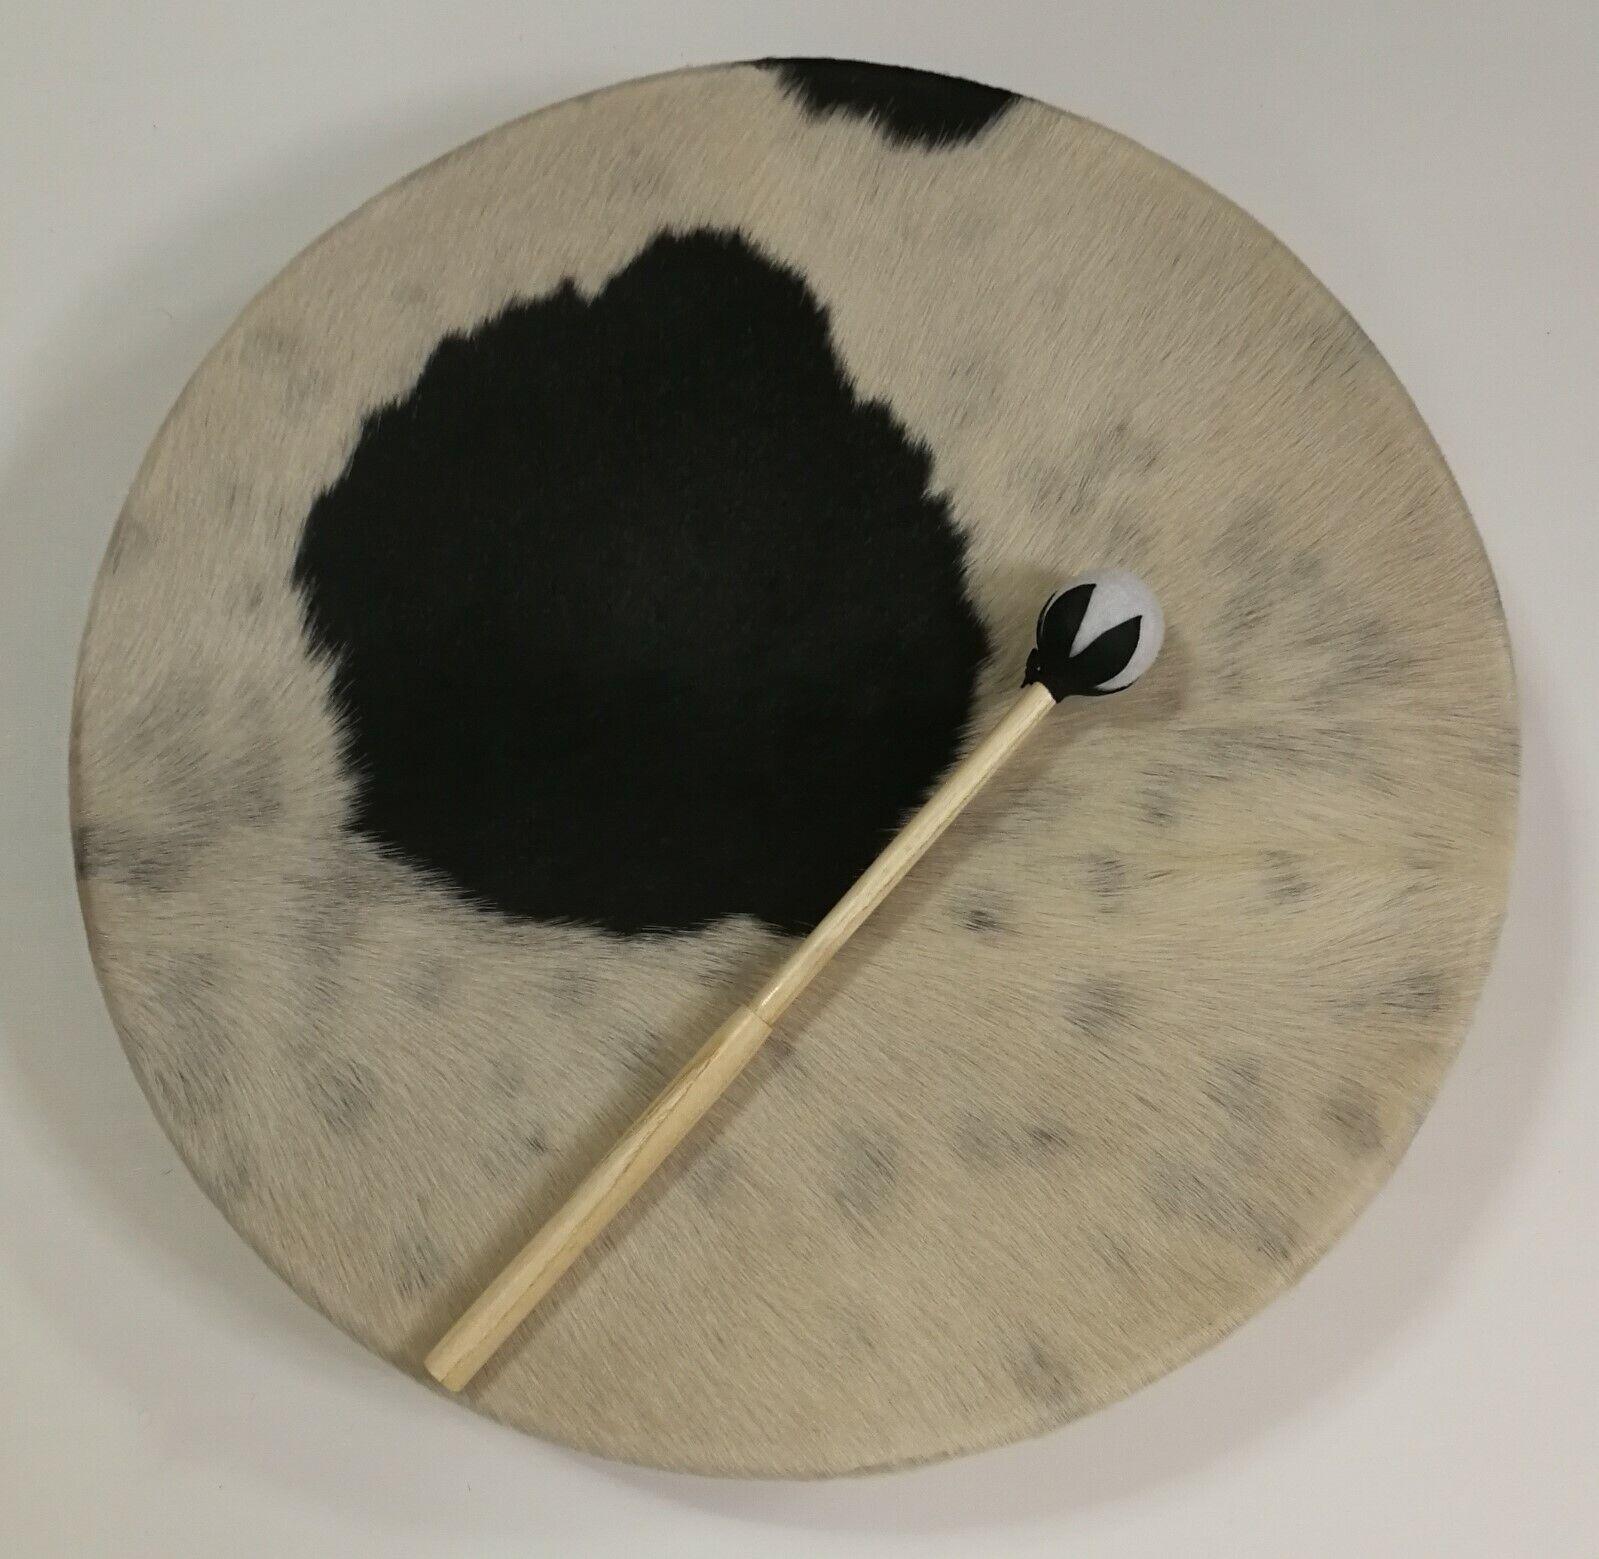 Schamanentrommel   Shamanic Drum, 50 x 7,5 cm, inkl. 1 Schläger, Handarbeit